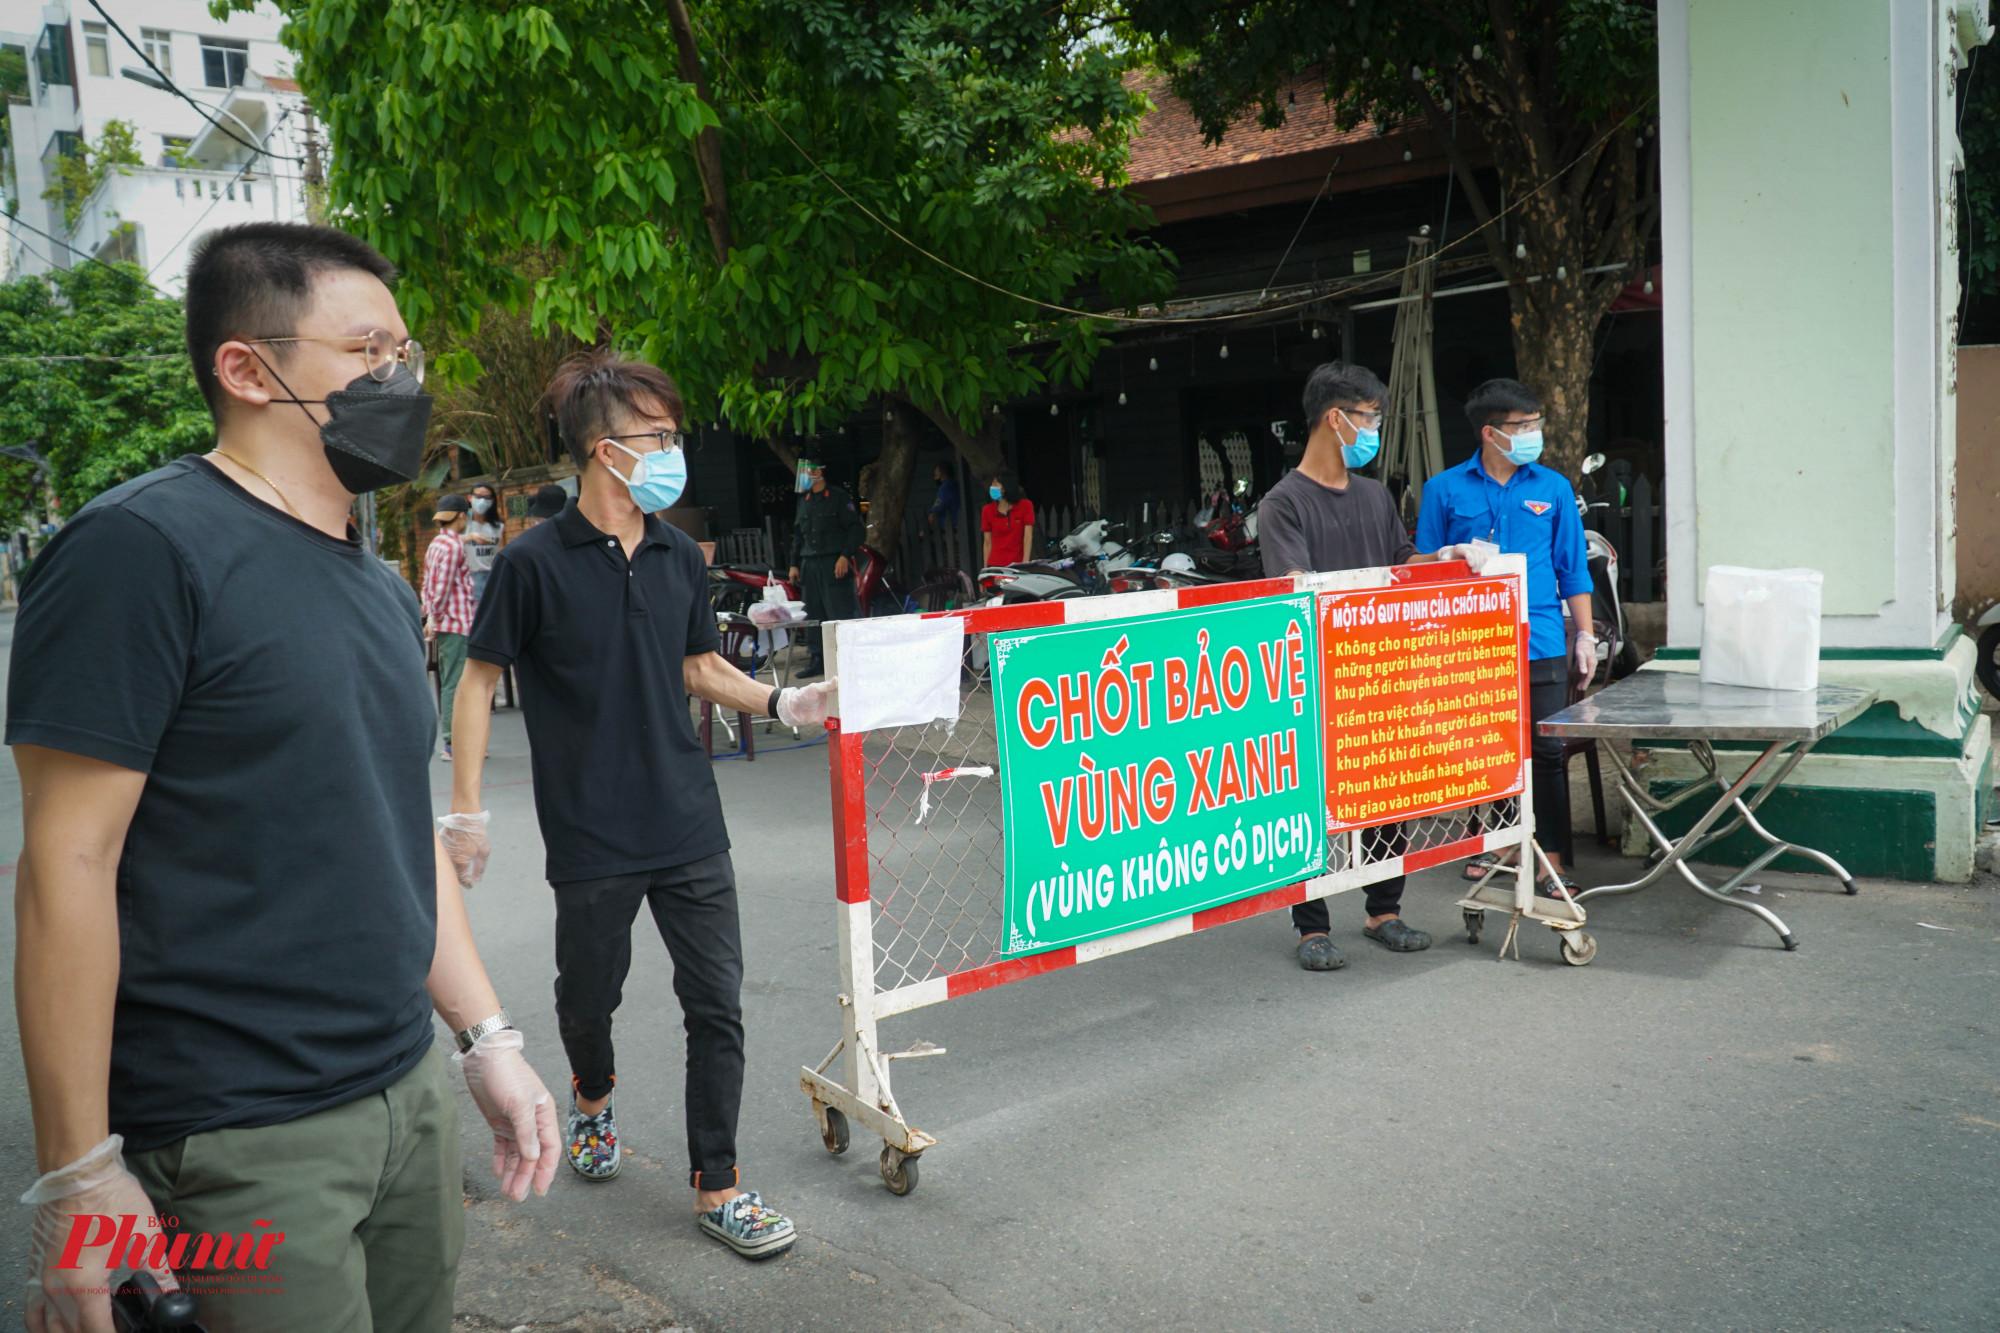 Tại cổng ra vào cư xá Đô Thành, trên đường Nguyễn Hiền, do đường lớn, nên lực lượng bảo vệ đông hơn.